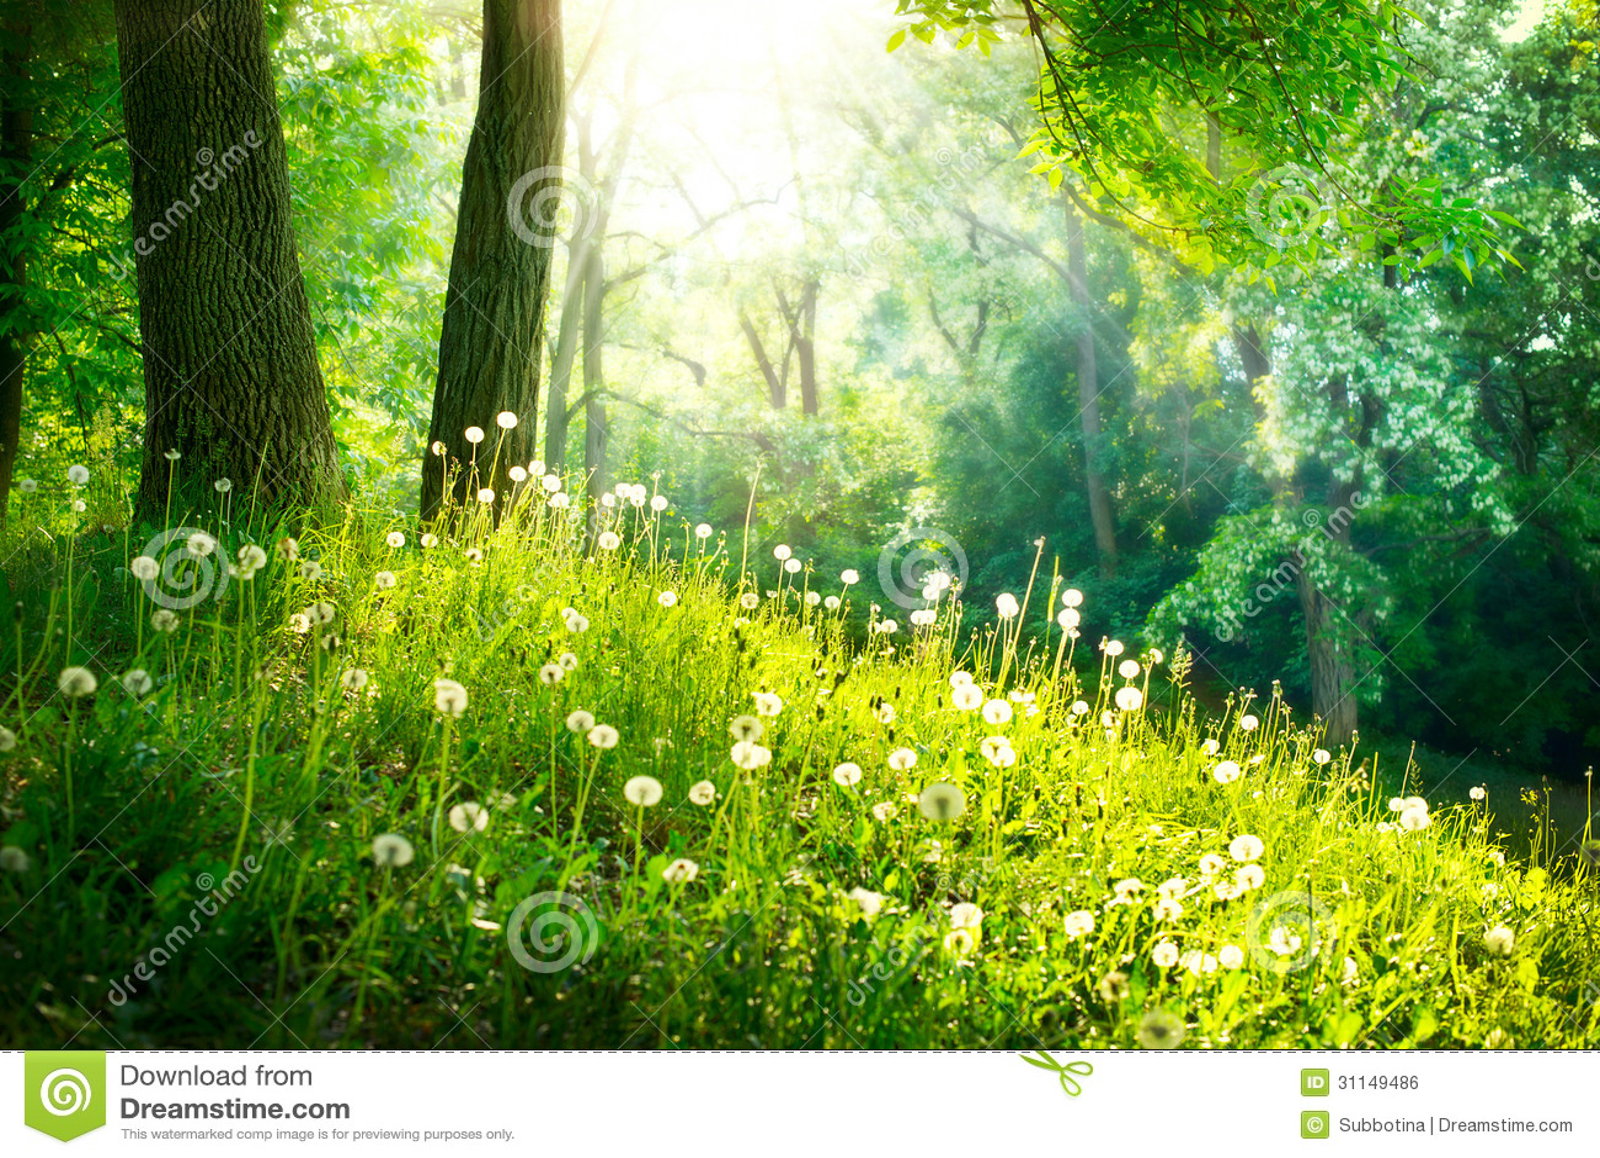 Landschaft. Grünes Gras und Bäume